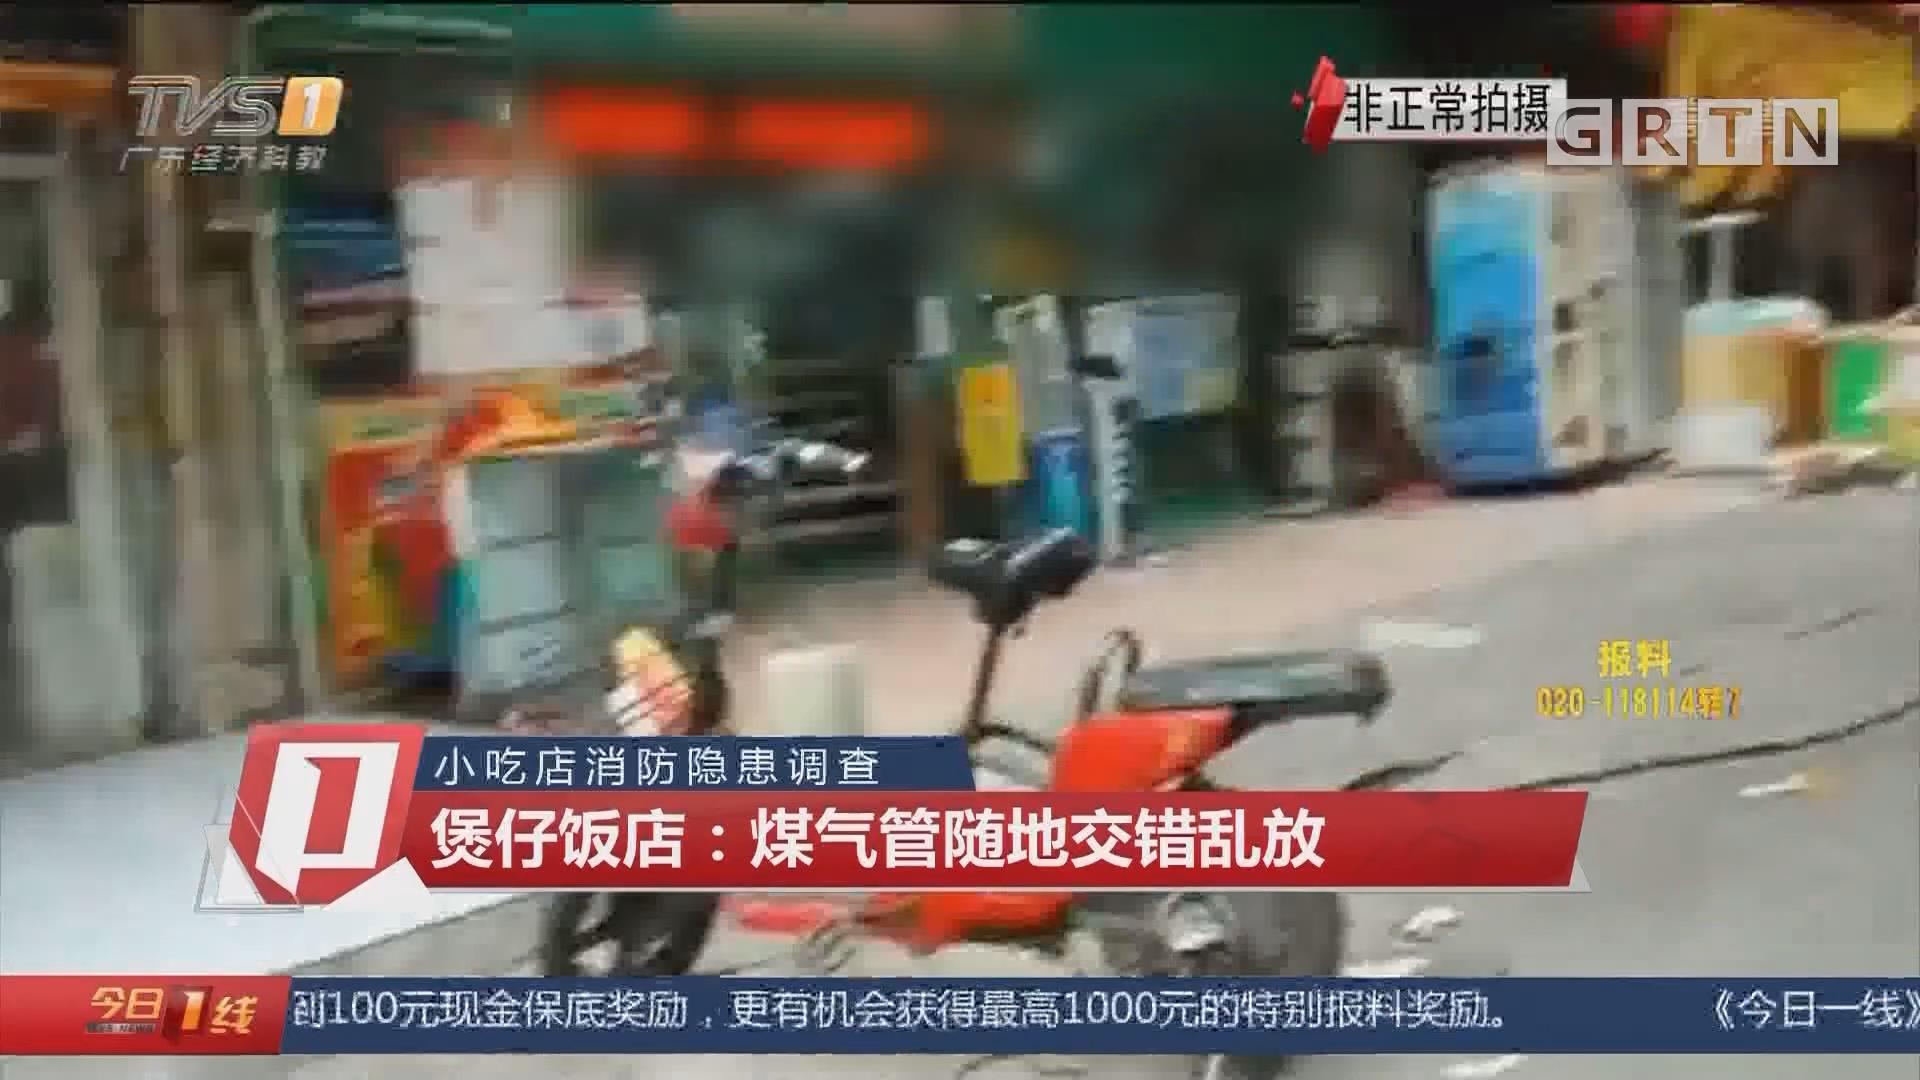 小吃店消防隐患调查 煲仔饭店:煤气管随地交错乱放